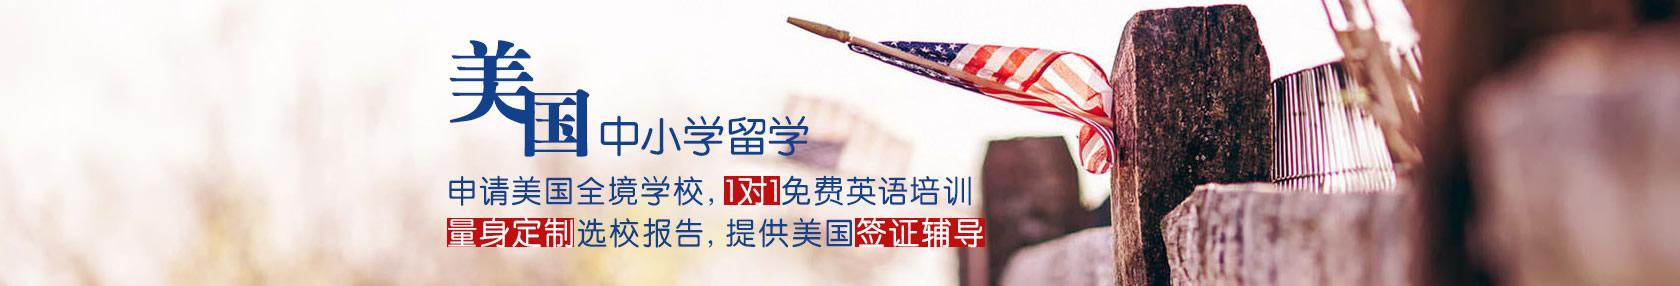 【美国中小学留学】环球提供美国全境学校申请及选校报告、免费英语培训、美国签证辅导